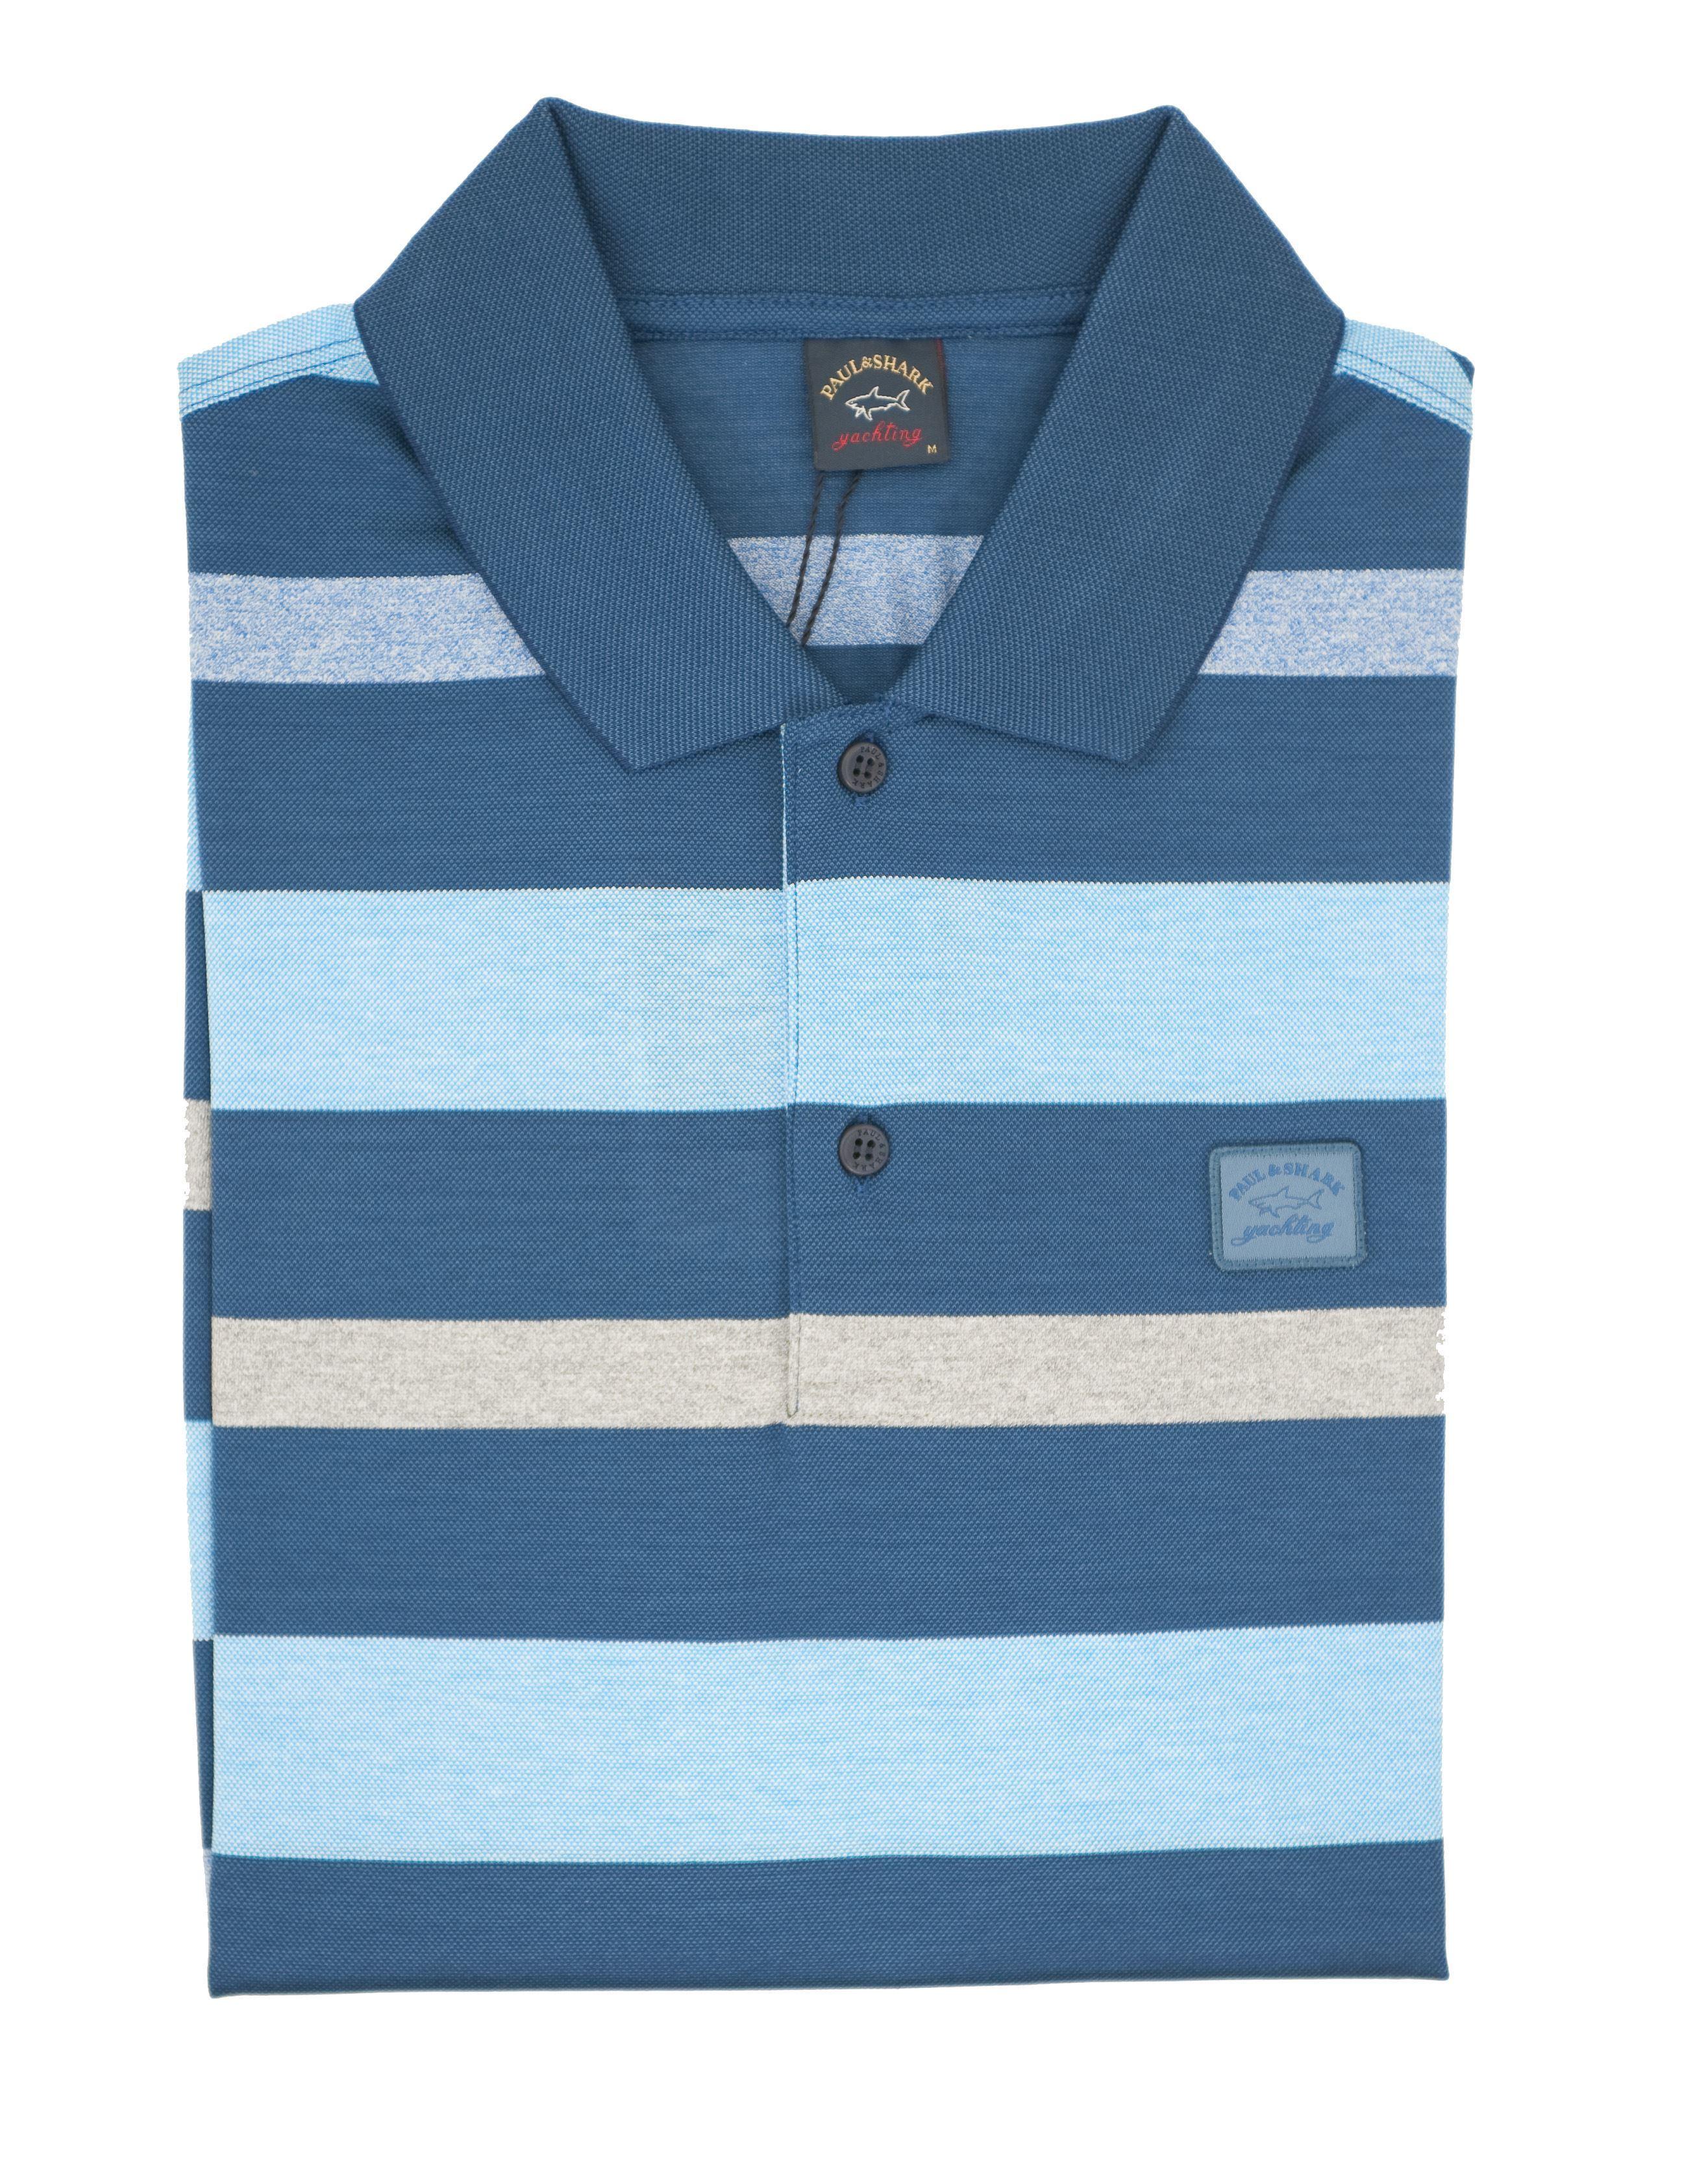 a45c230e6b Polo manica corta a righe blu azzurro e grigio